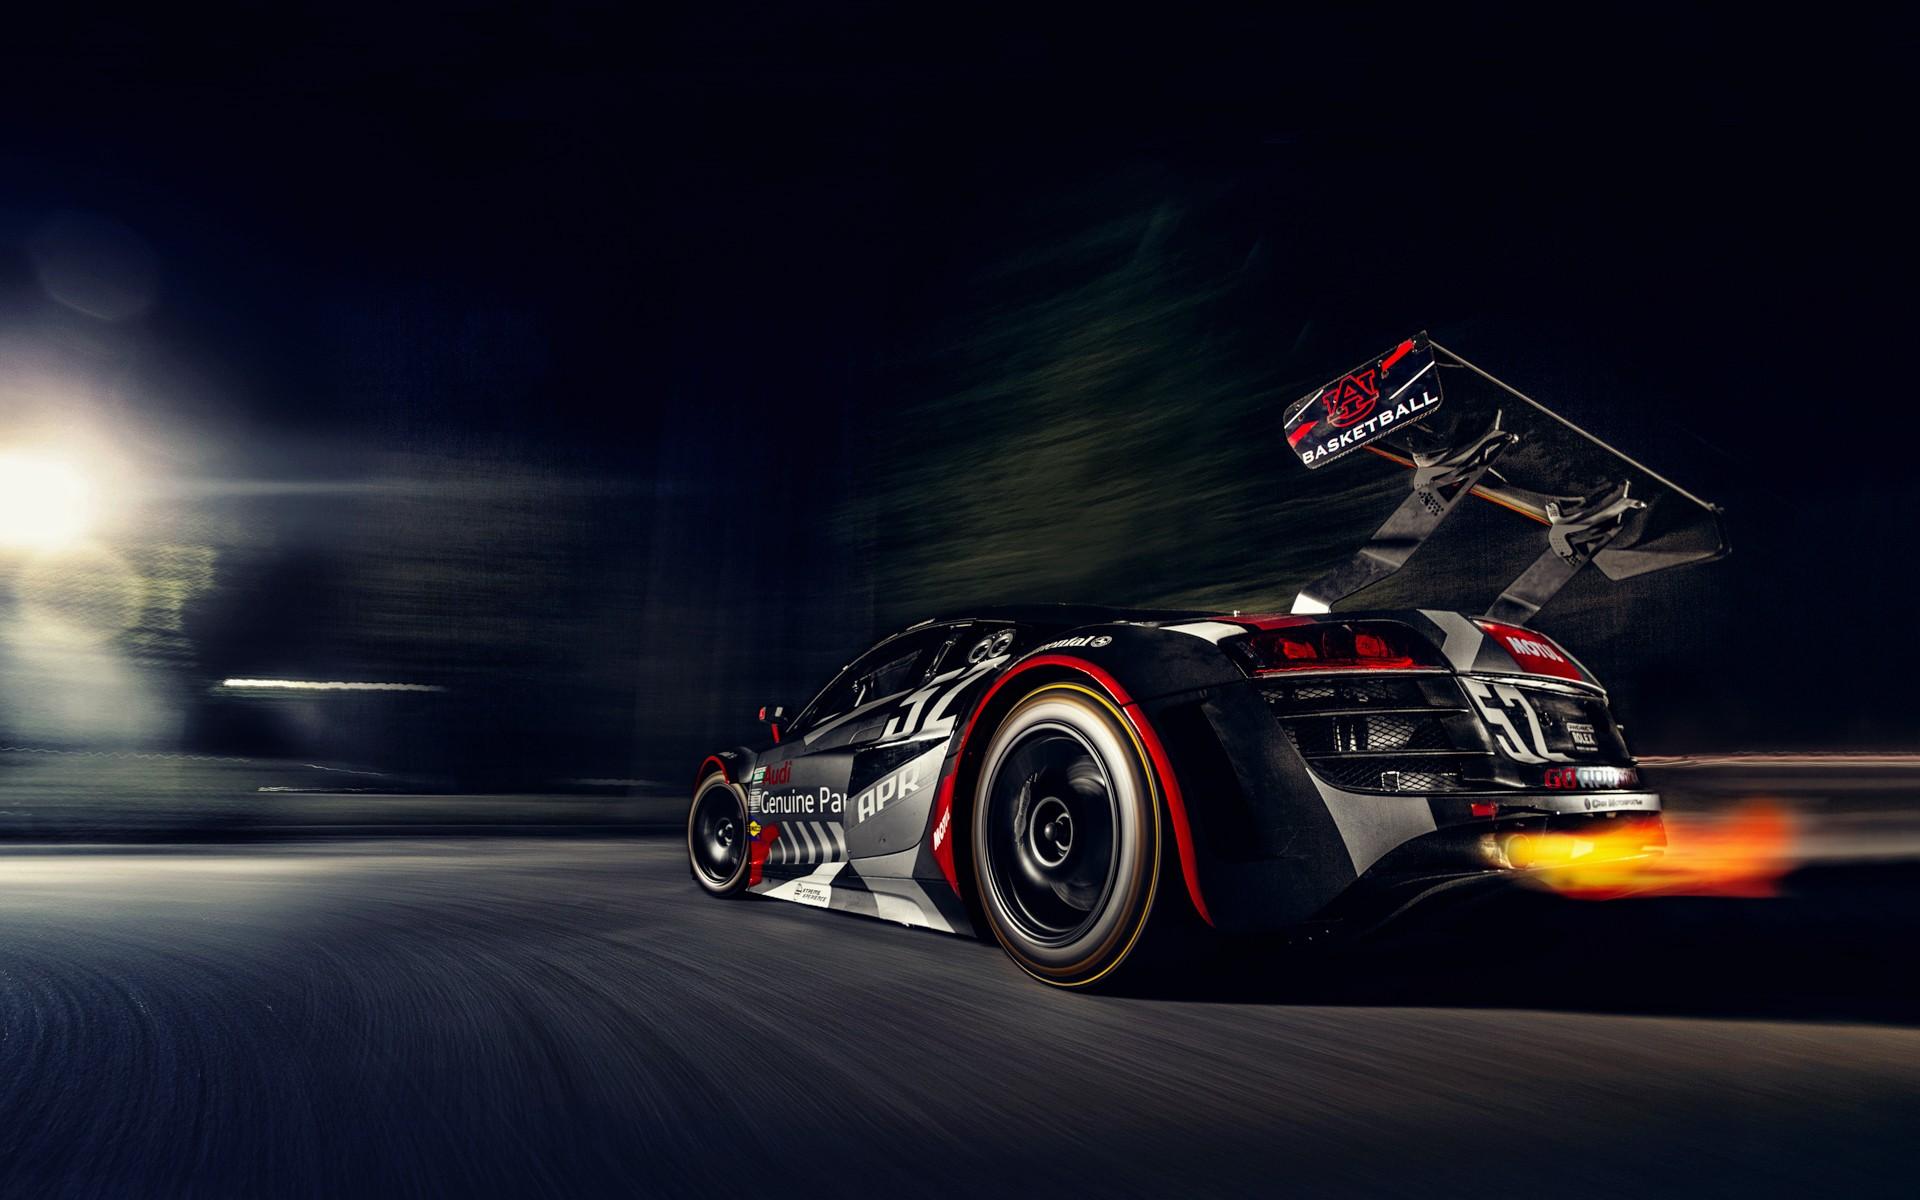 спорт автомобиль гонки sports car race без смс